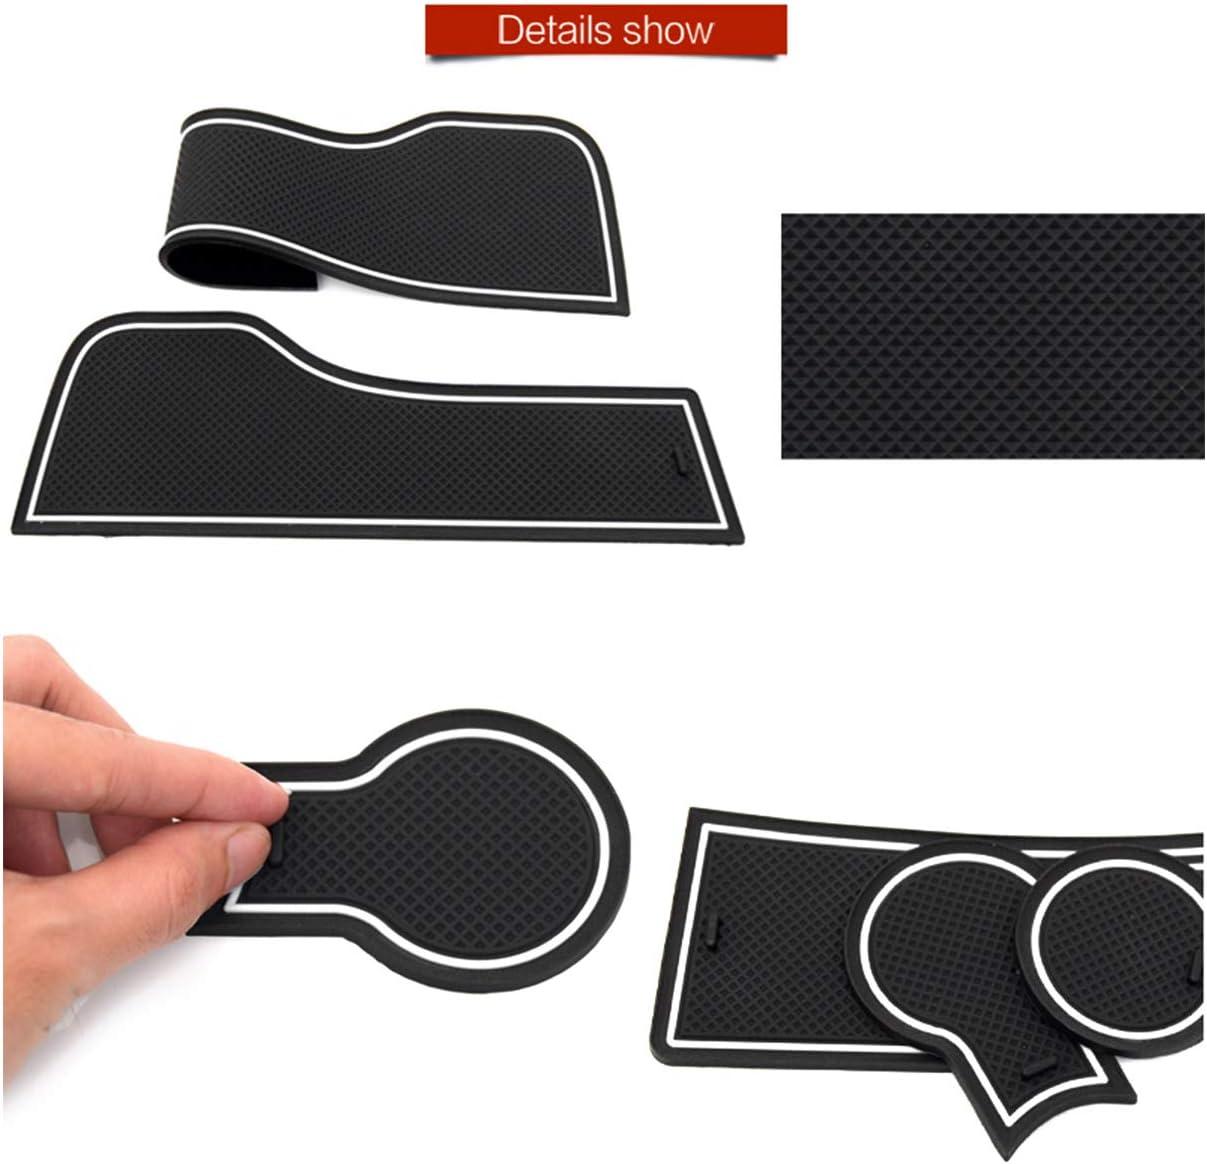 Yee Pin Set de tapis de protection antid/érapants pour habitacle de voiture 19/pi/èces pour BMW X5 G05 2016-2019